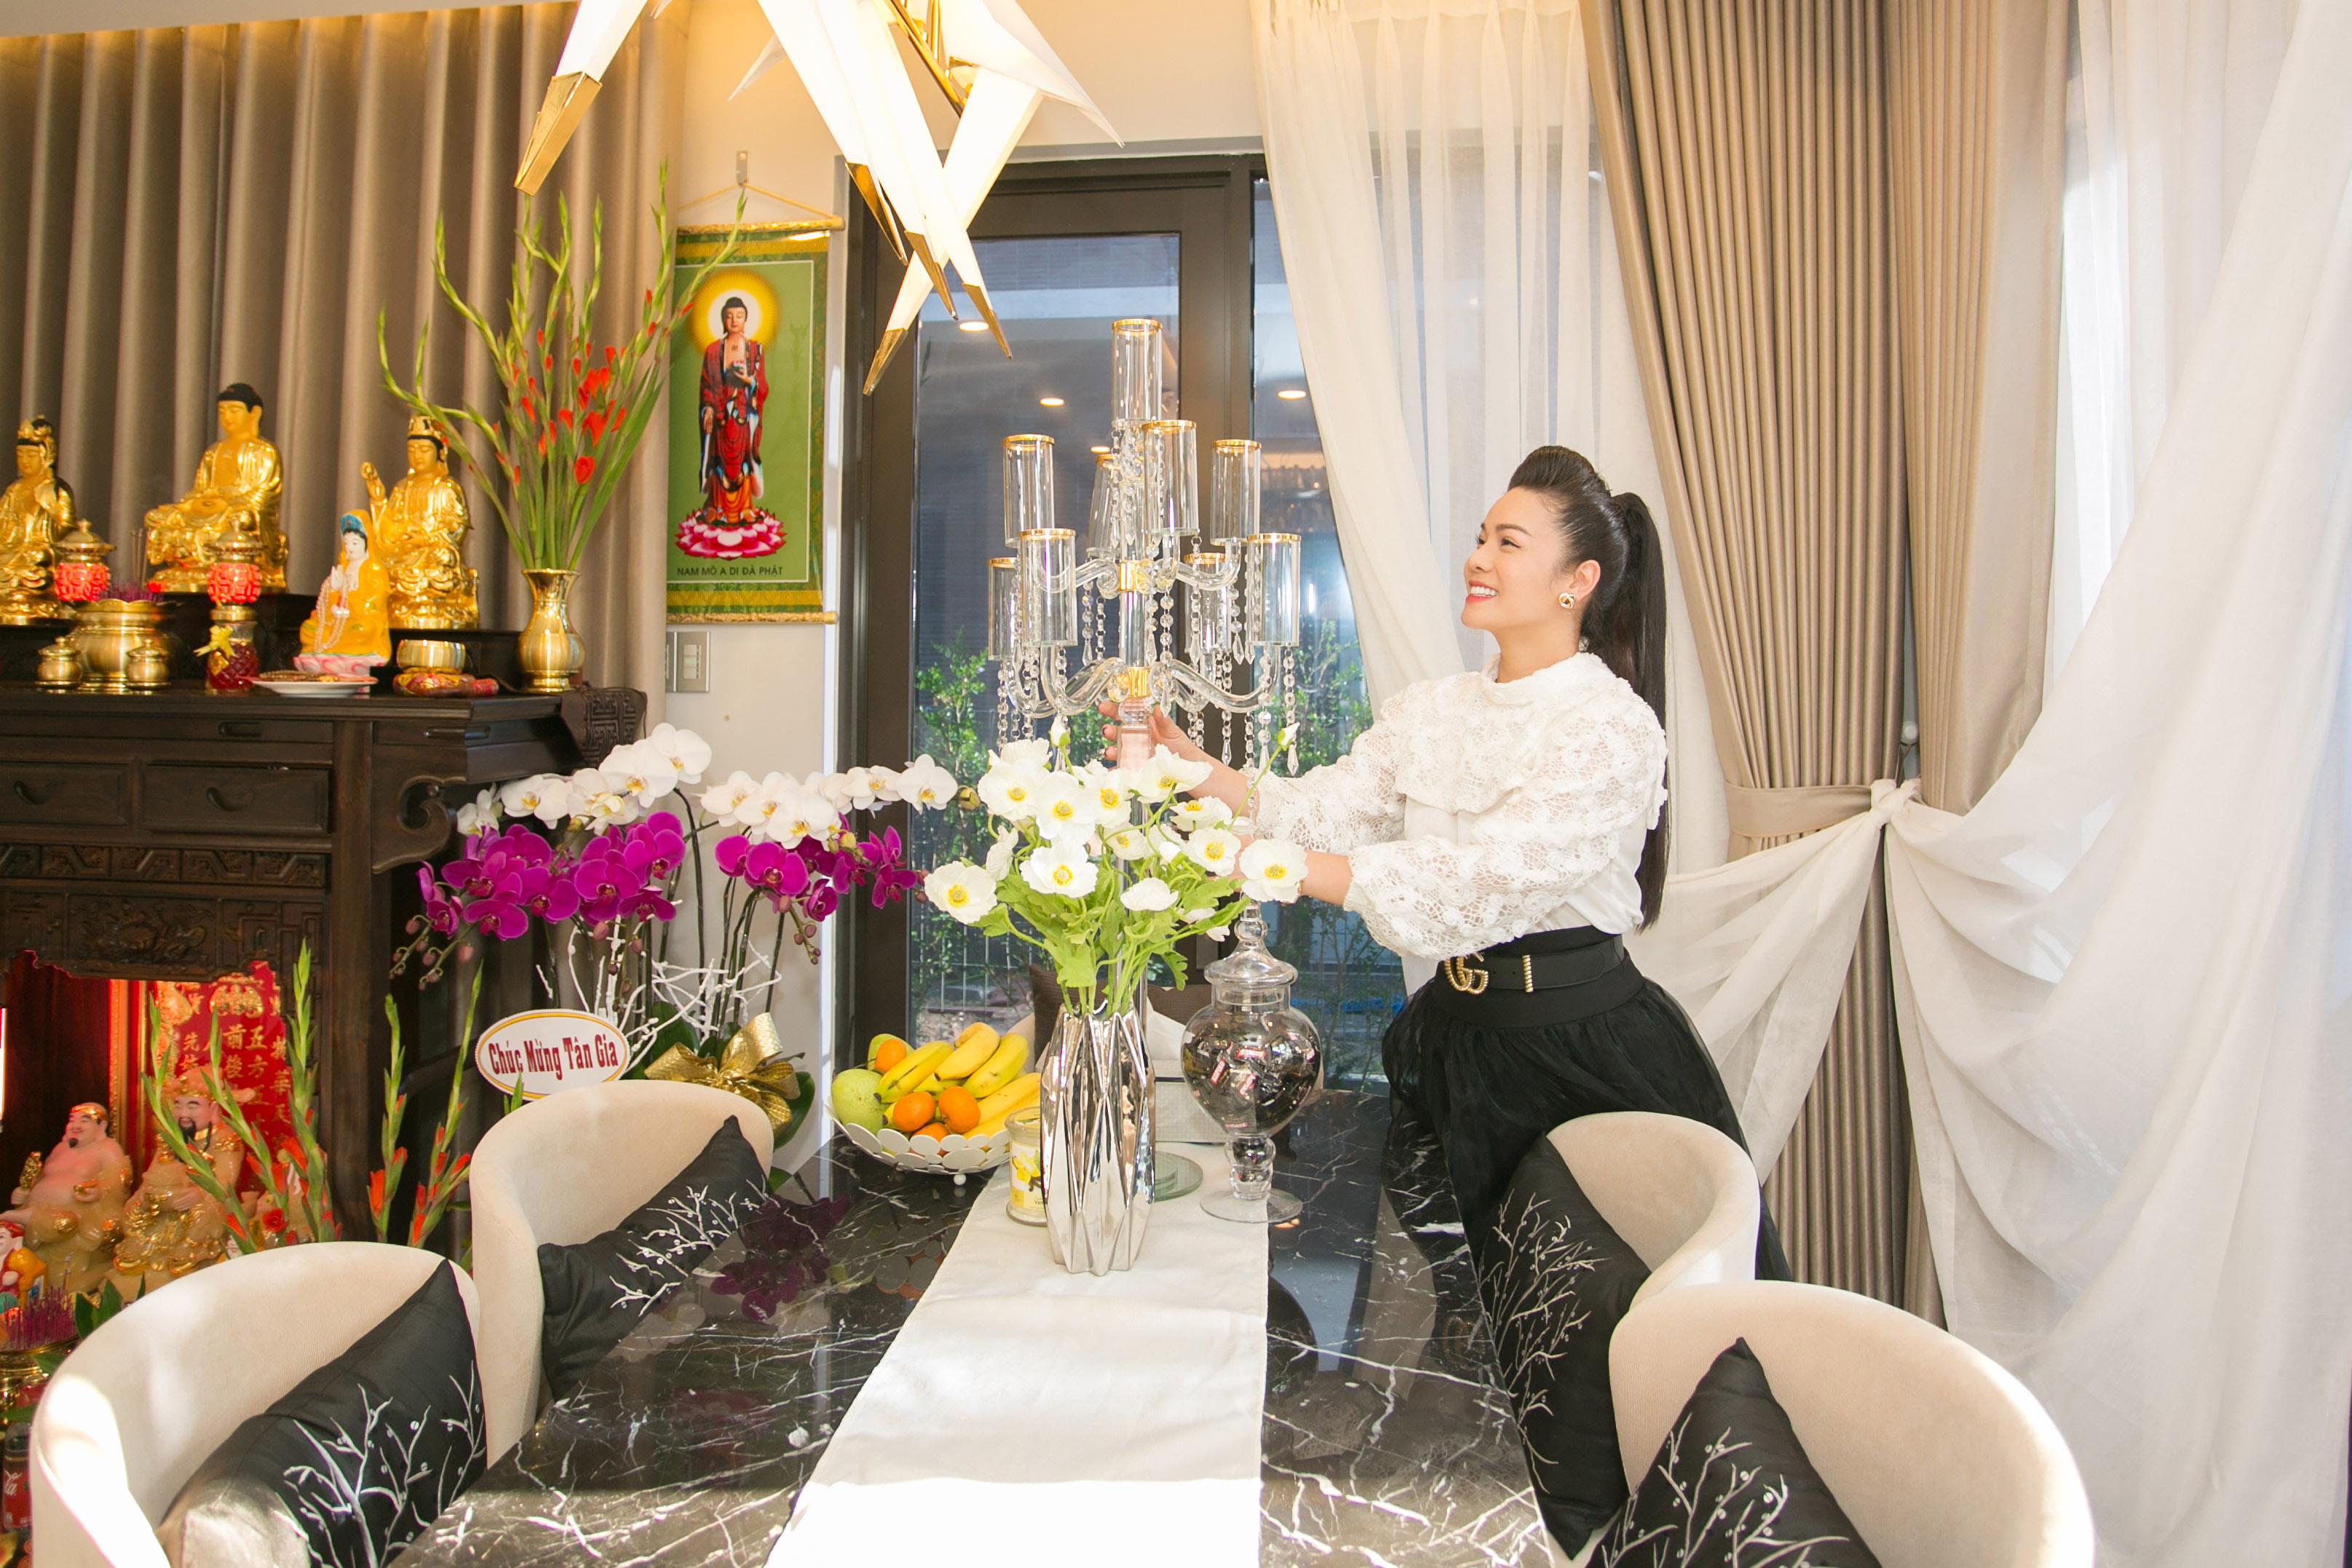 Hé lộ căn biệt thự hoành tráng của nữ ca sĩ Nhật Kim Anh tại quận Bình Chánh 1